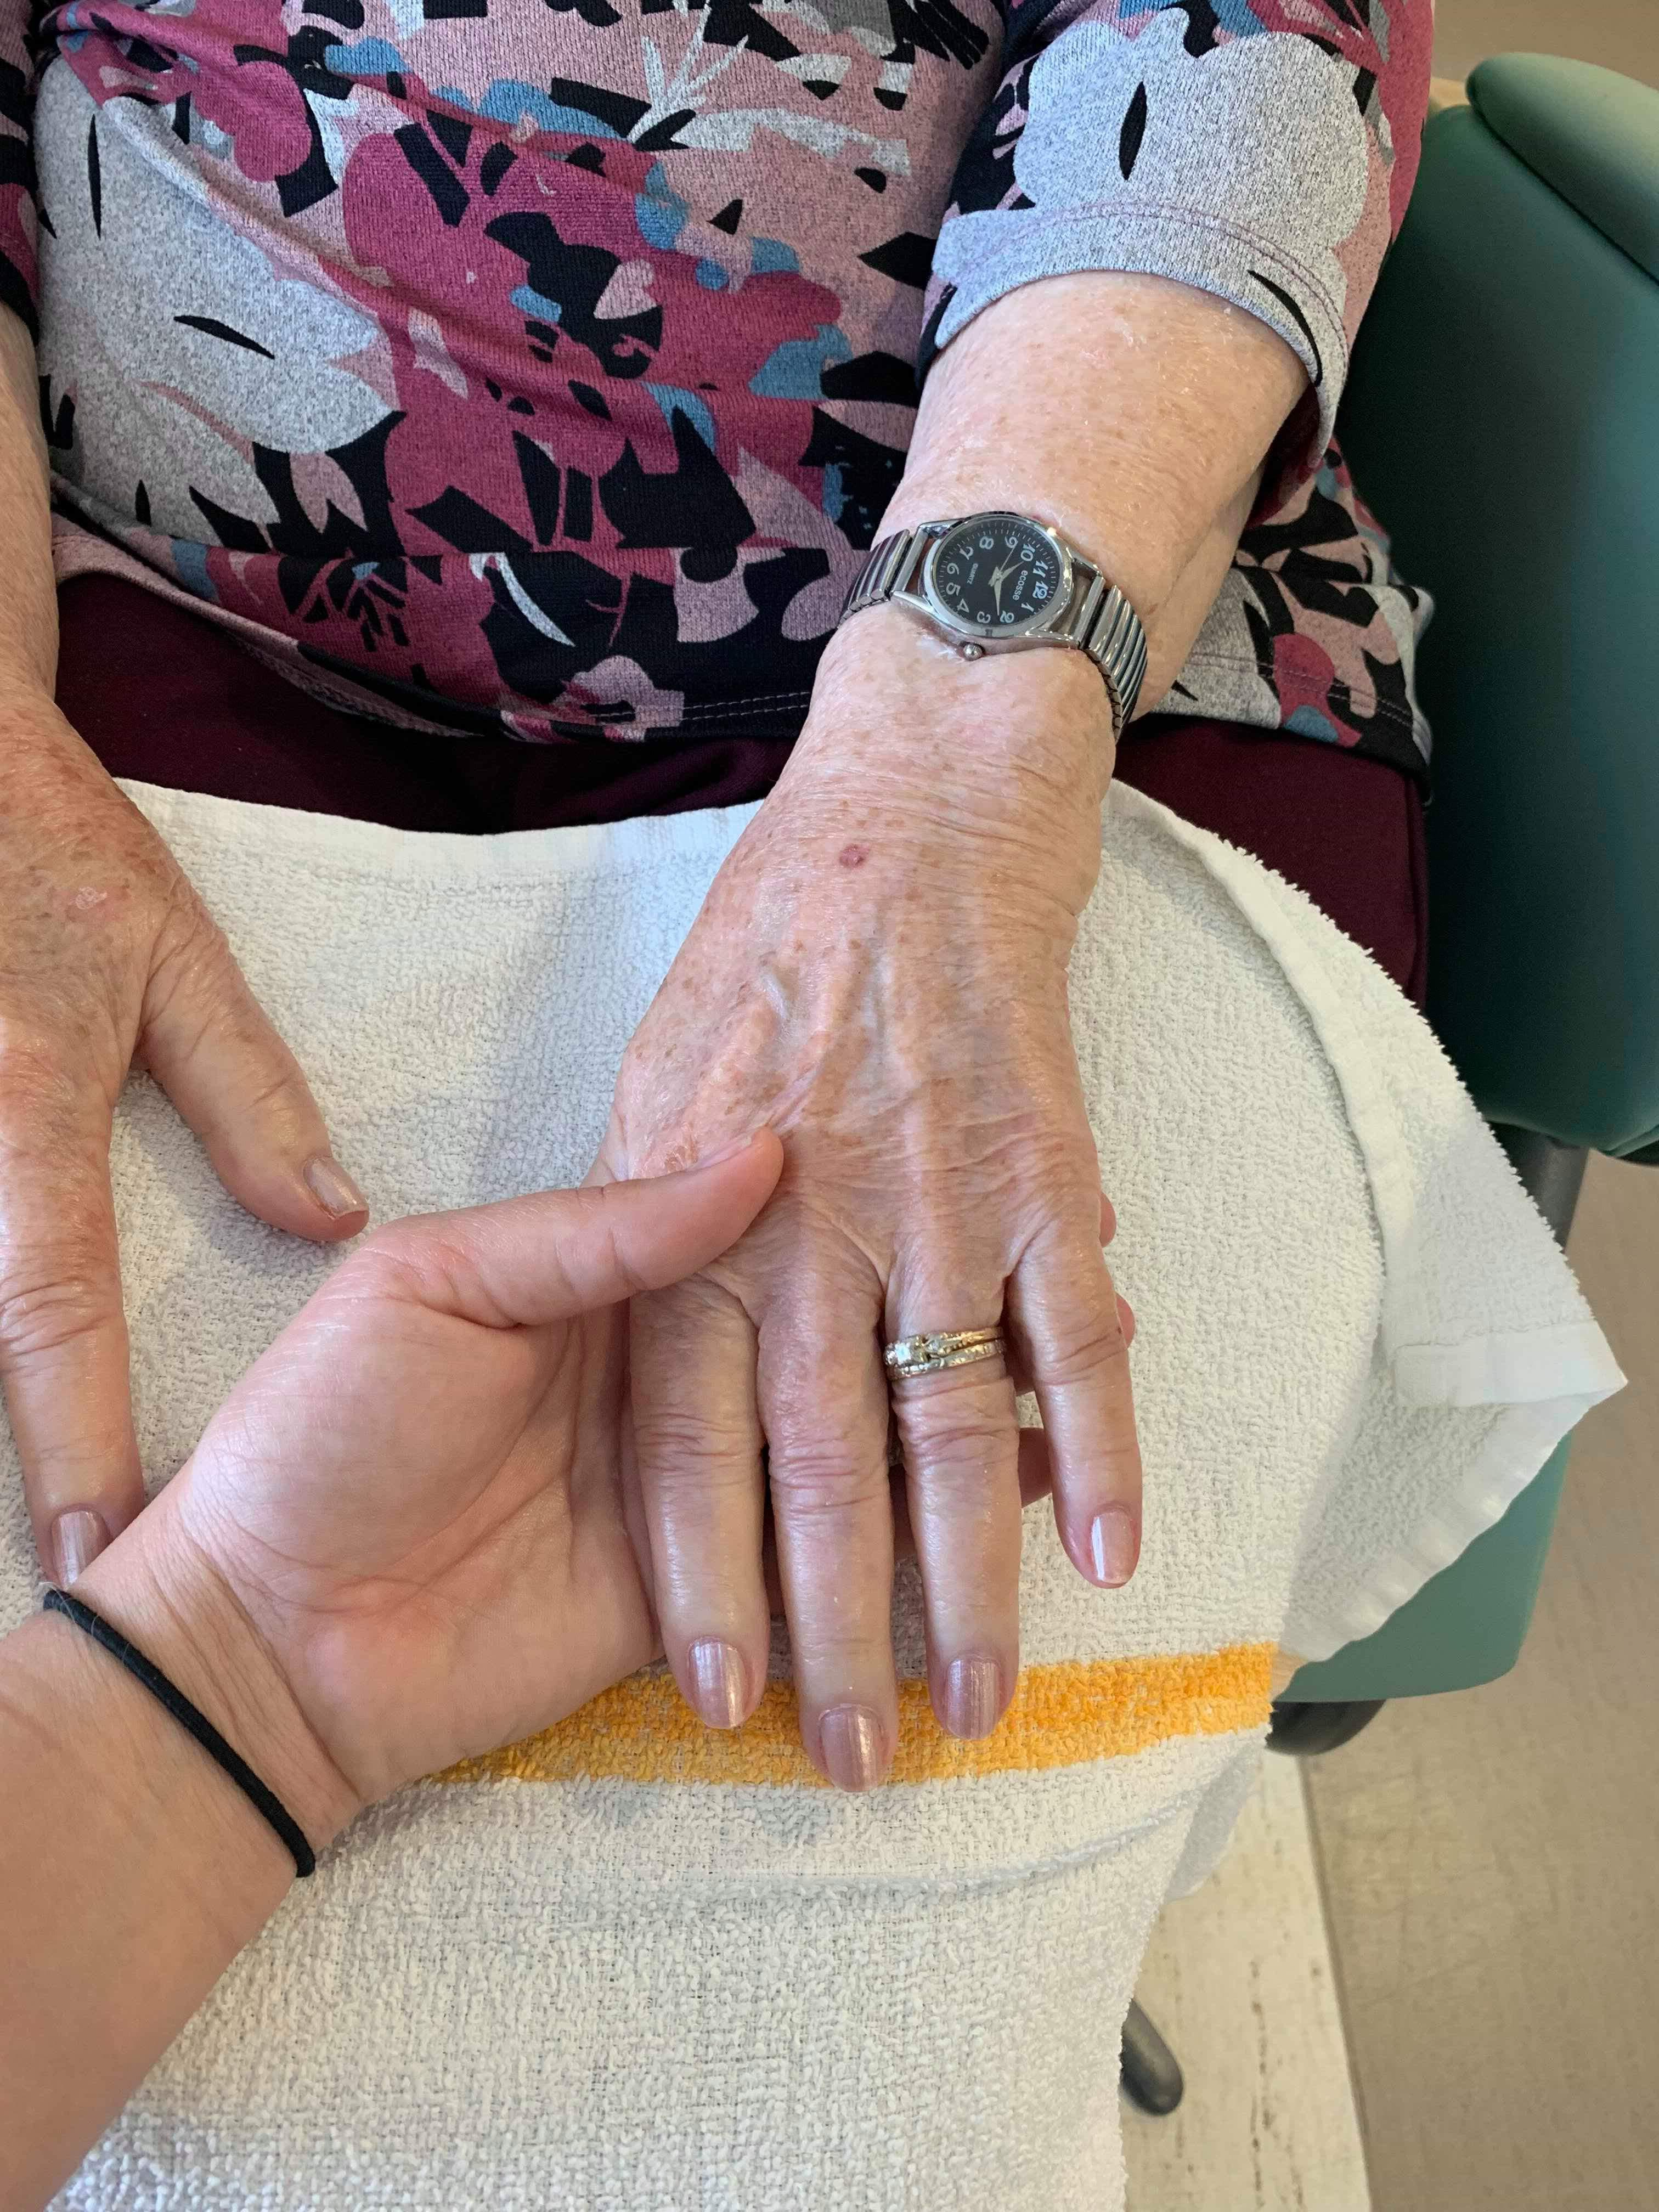 Manucure, soins aux résidents au CHSLD Louise-Faubert